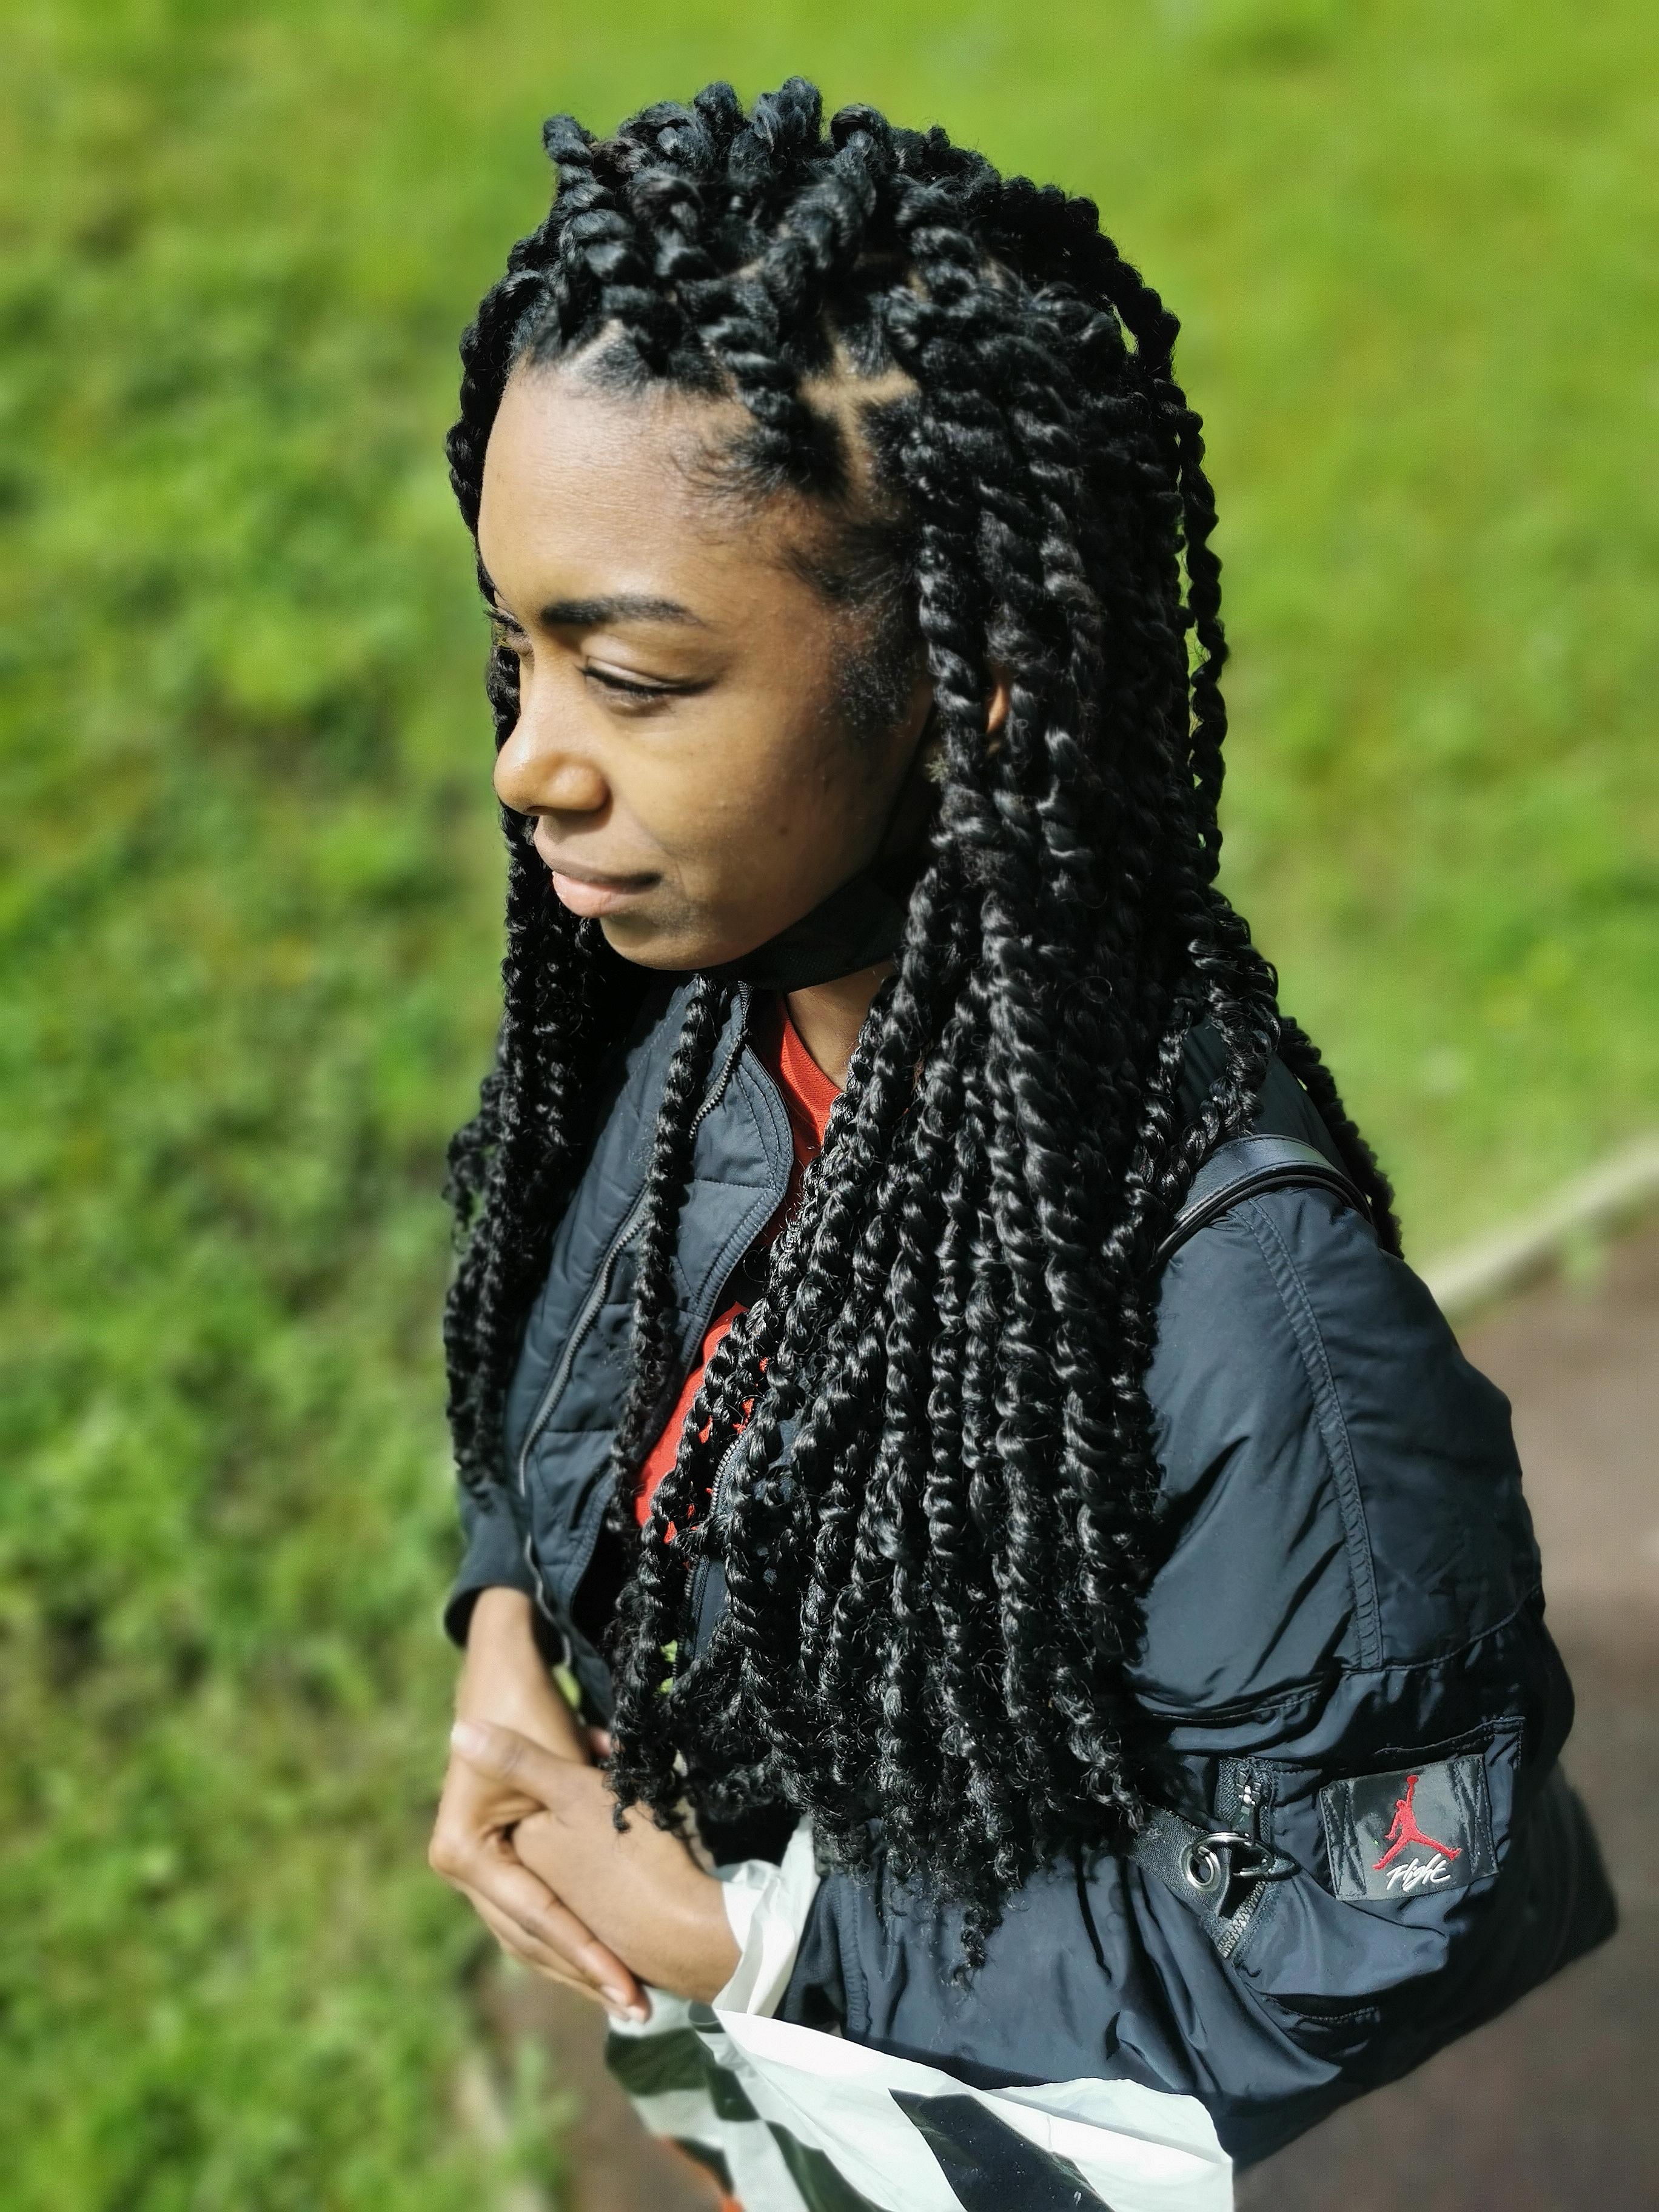 salon de coiffure afro tresse tresses box braids crochet braids vanilles tissages paris 75 77 78 91 92 93 94 95 DTNHNDHG